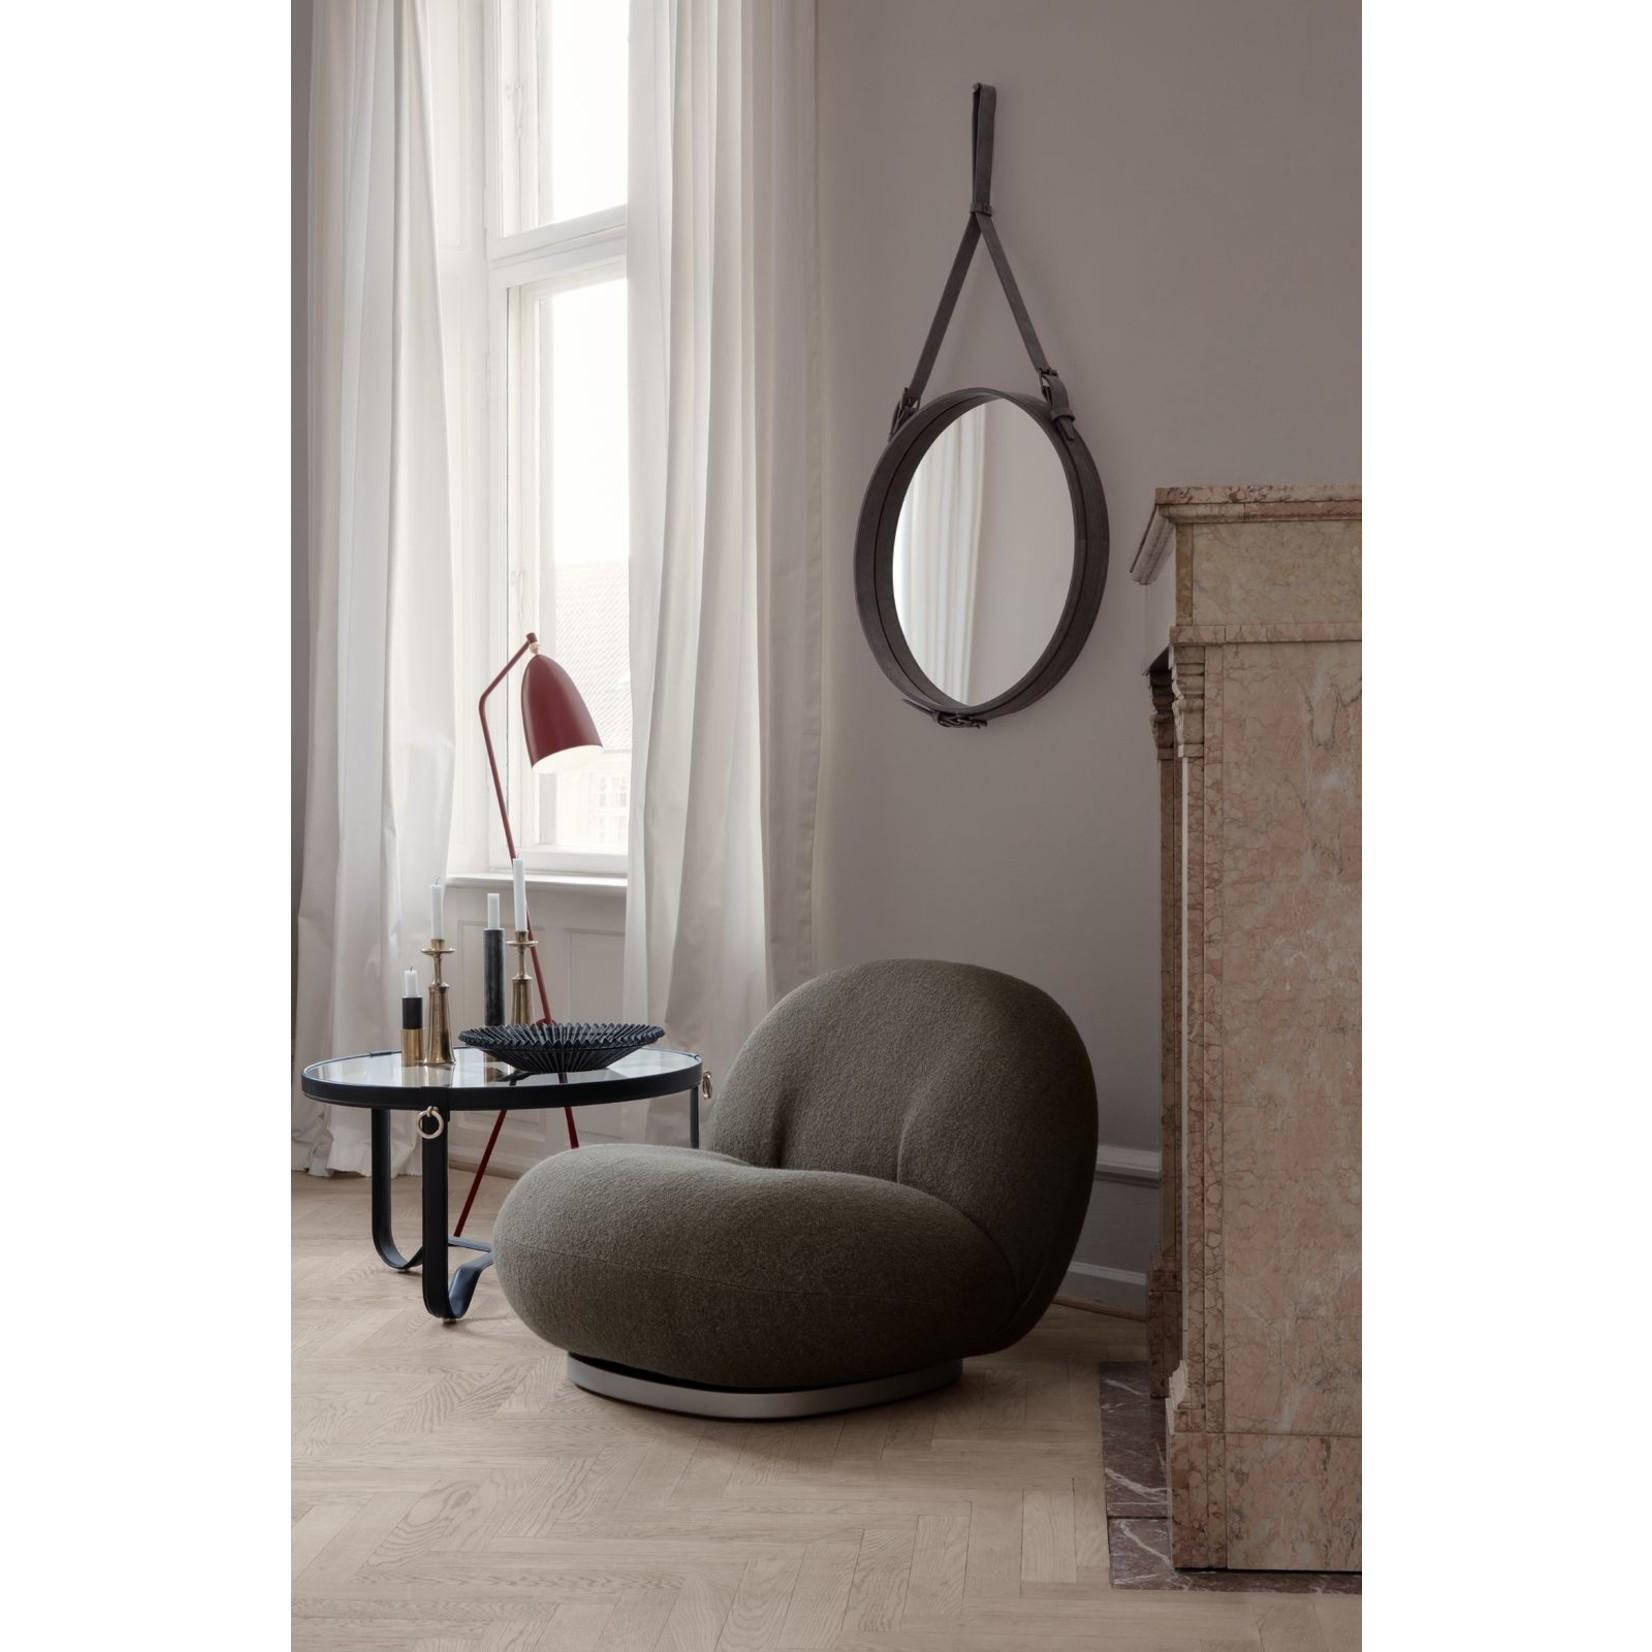 Gubi Wall mirror Adnet - Round - Ø70 - Black Leather